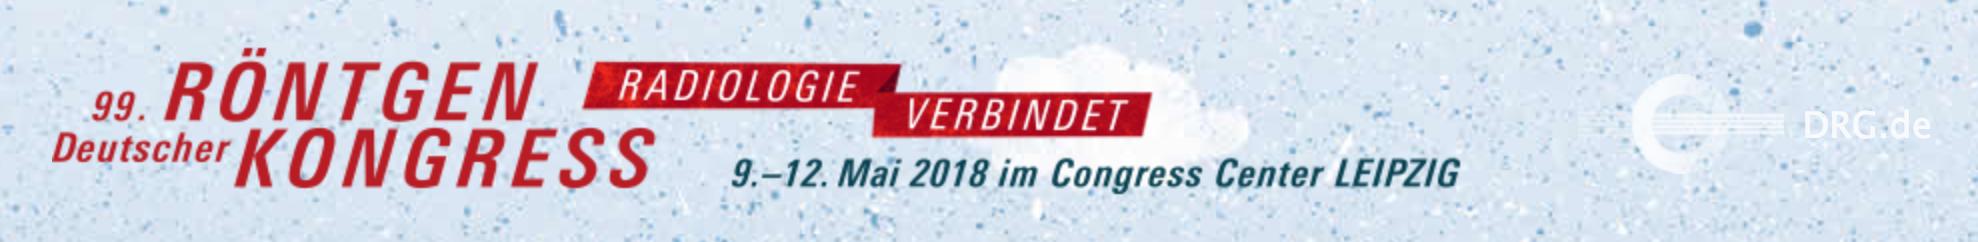 99 Deutscher Röntgenkongress